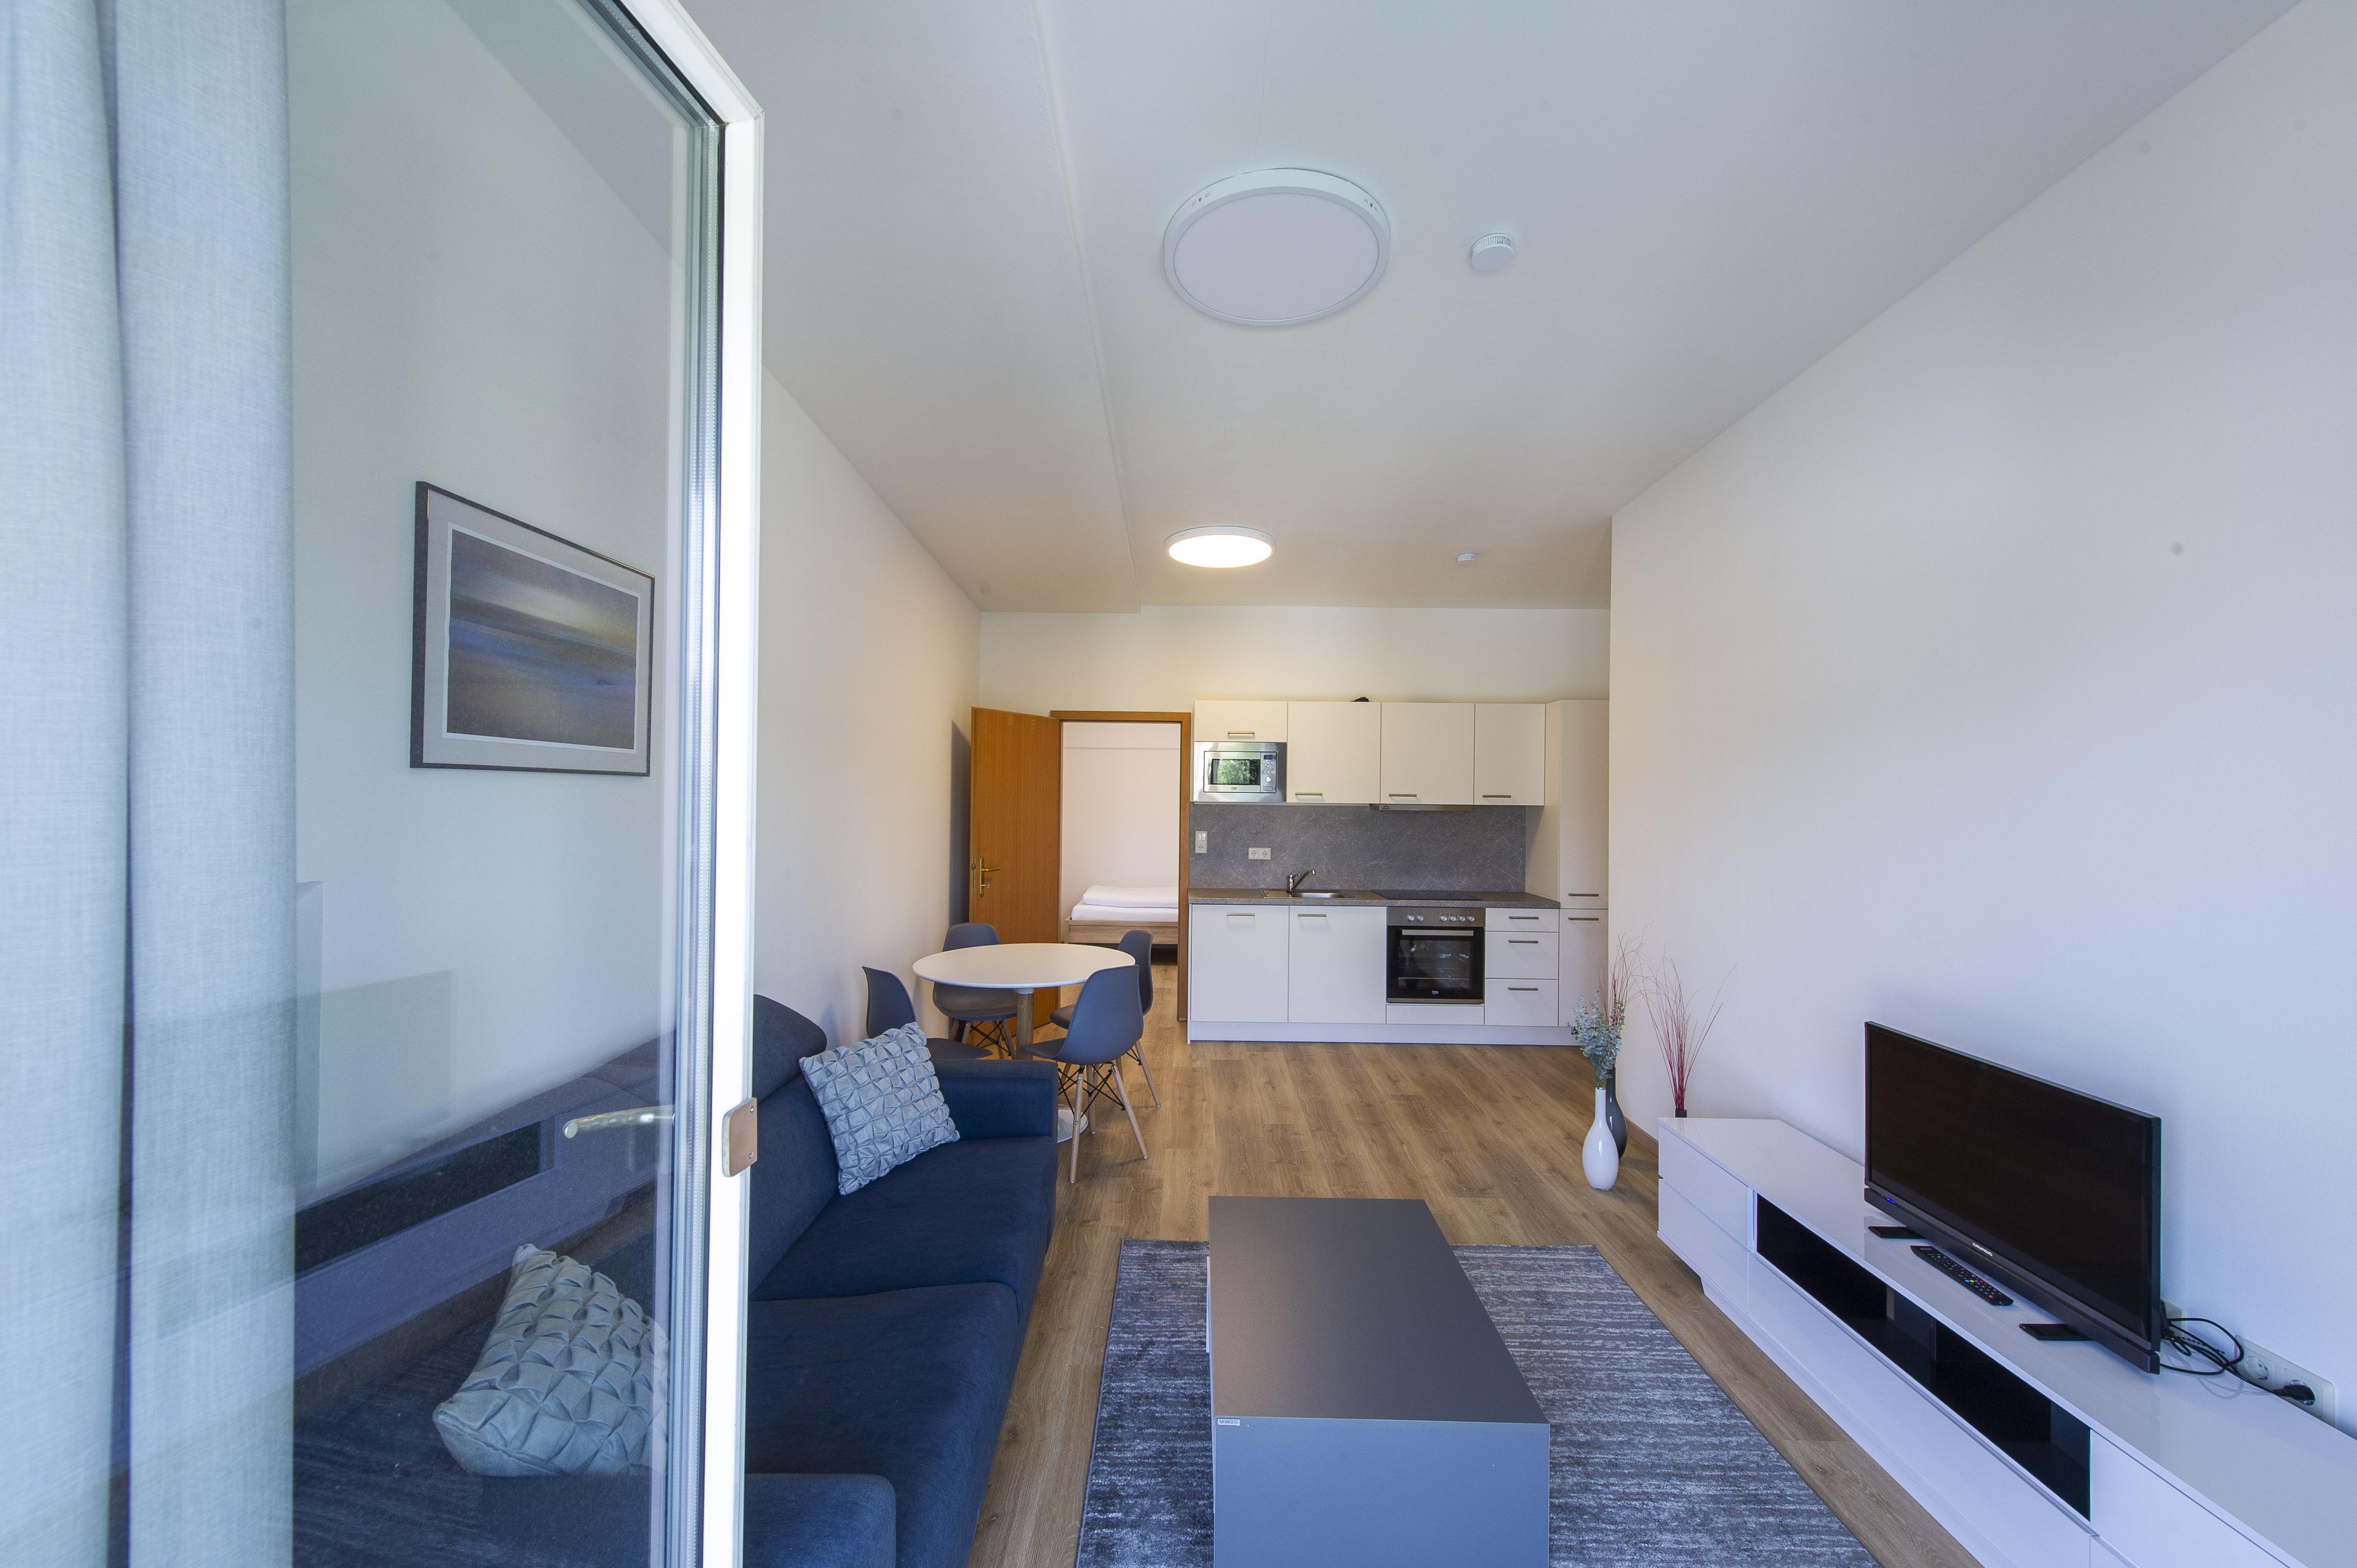 Appartement_Graz_Vorsorgewohnung_ Graz_9_Captura